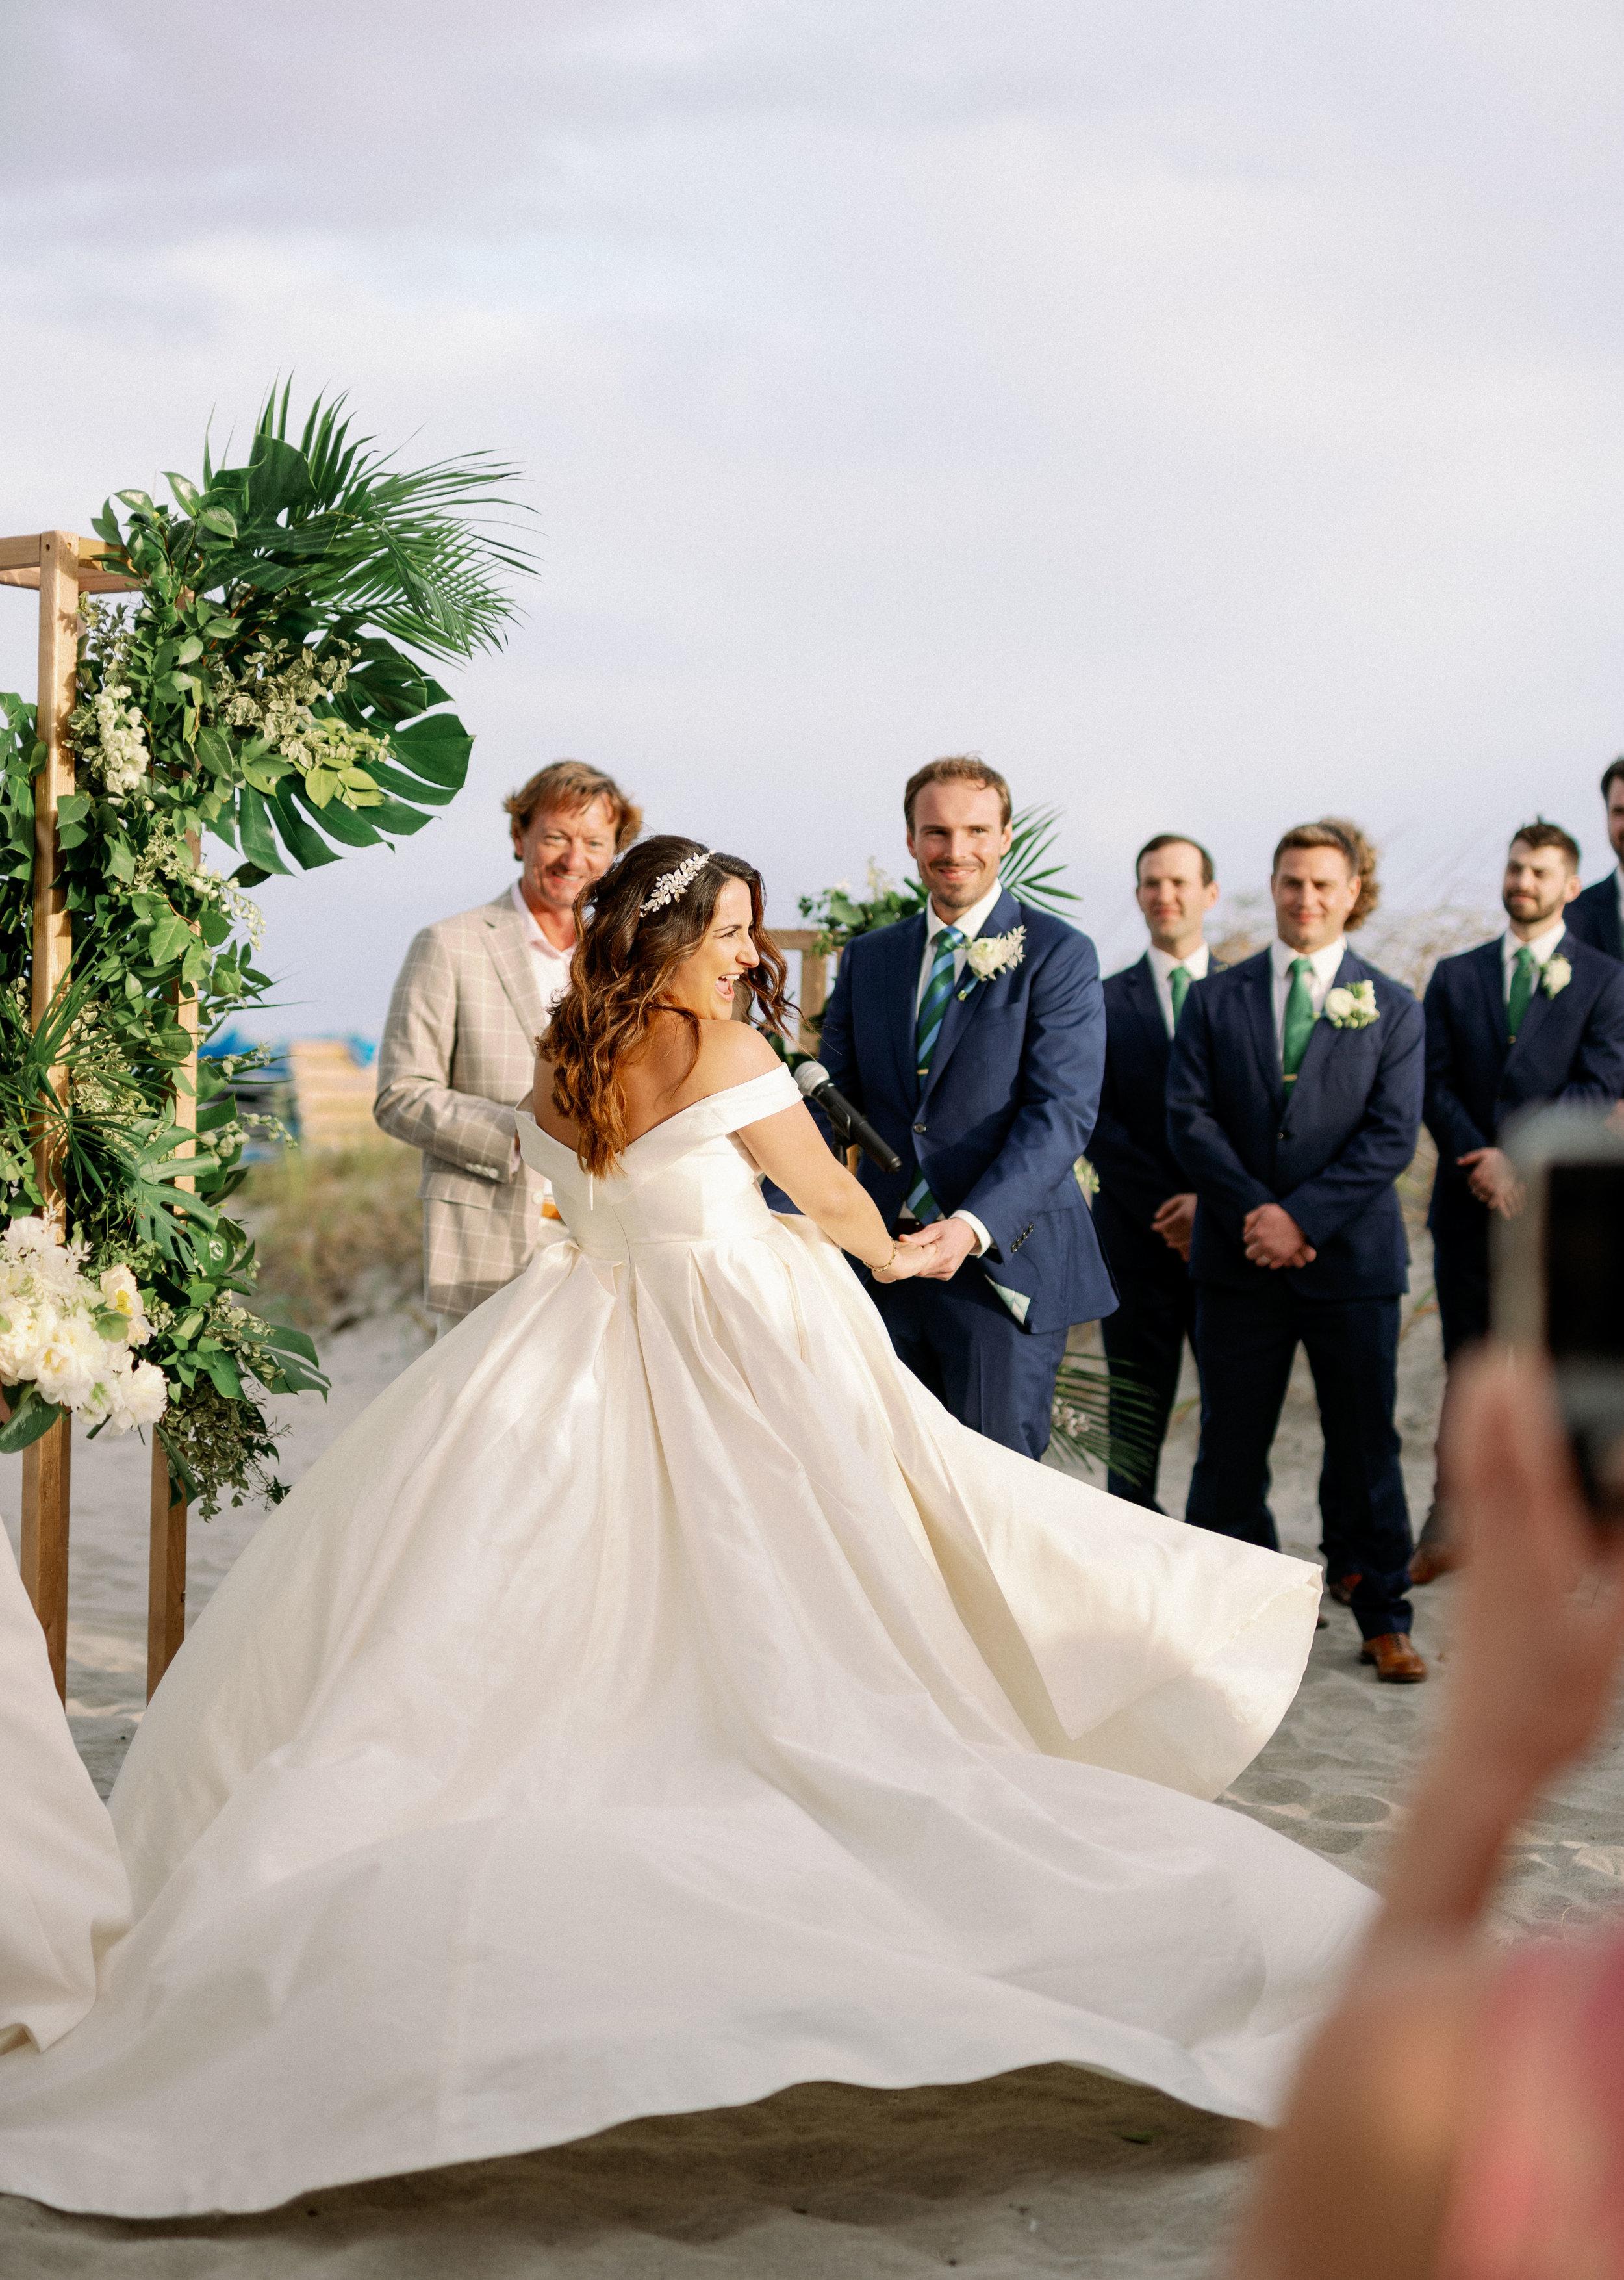 ourwedding309023.jpg